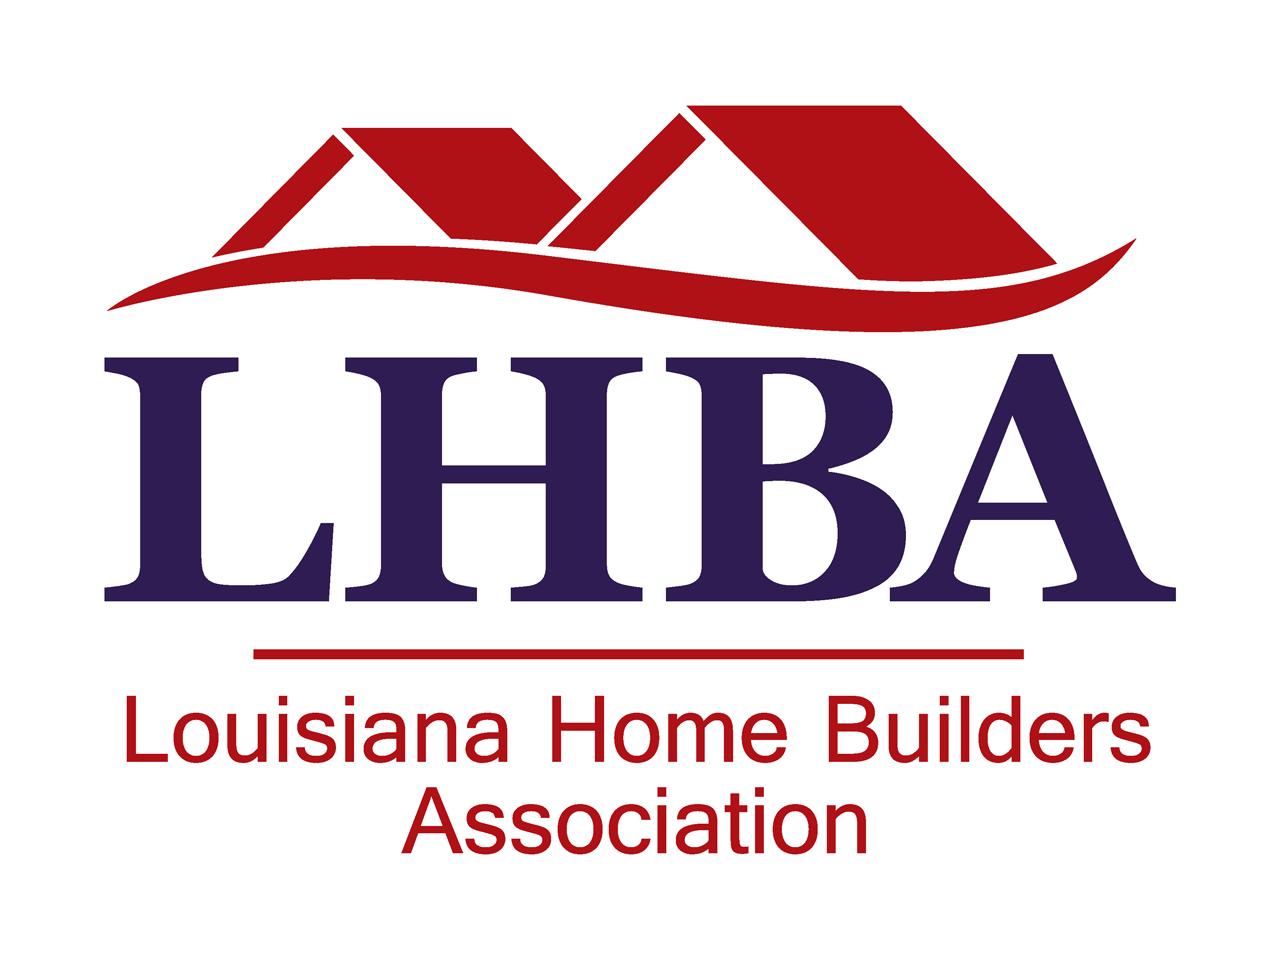 2015 lrea winners louisiana home builders association